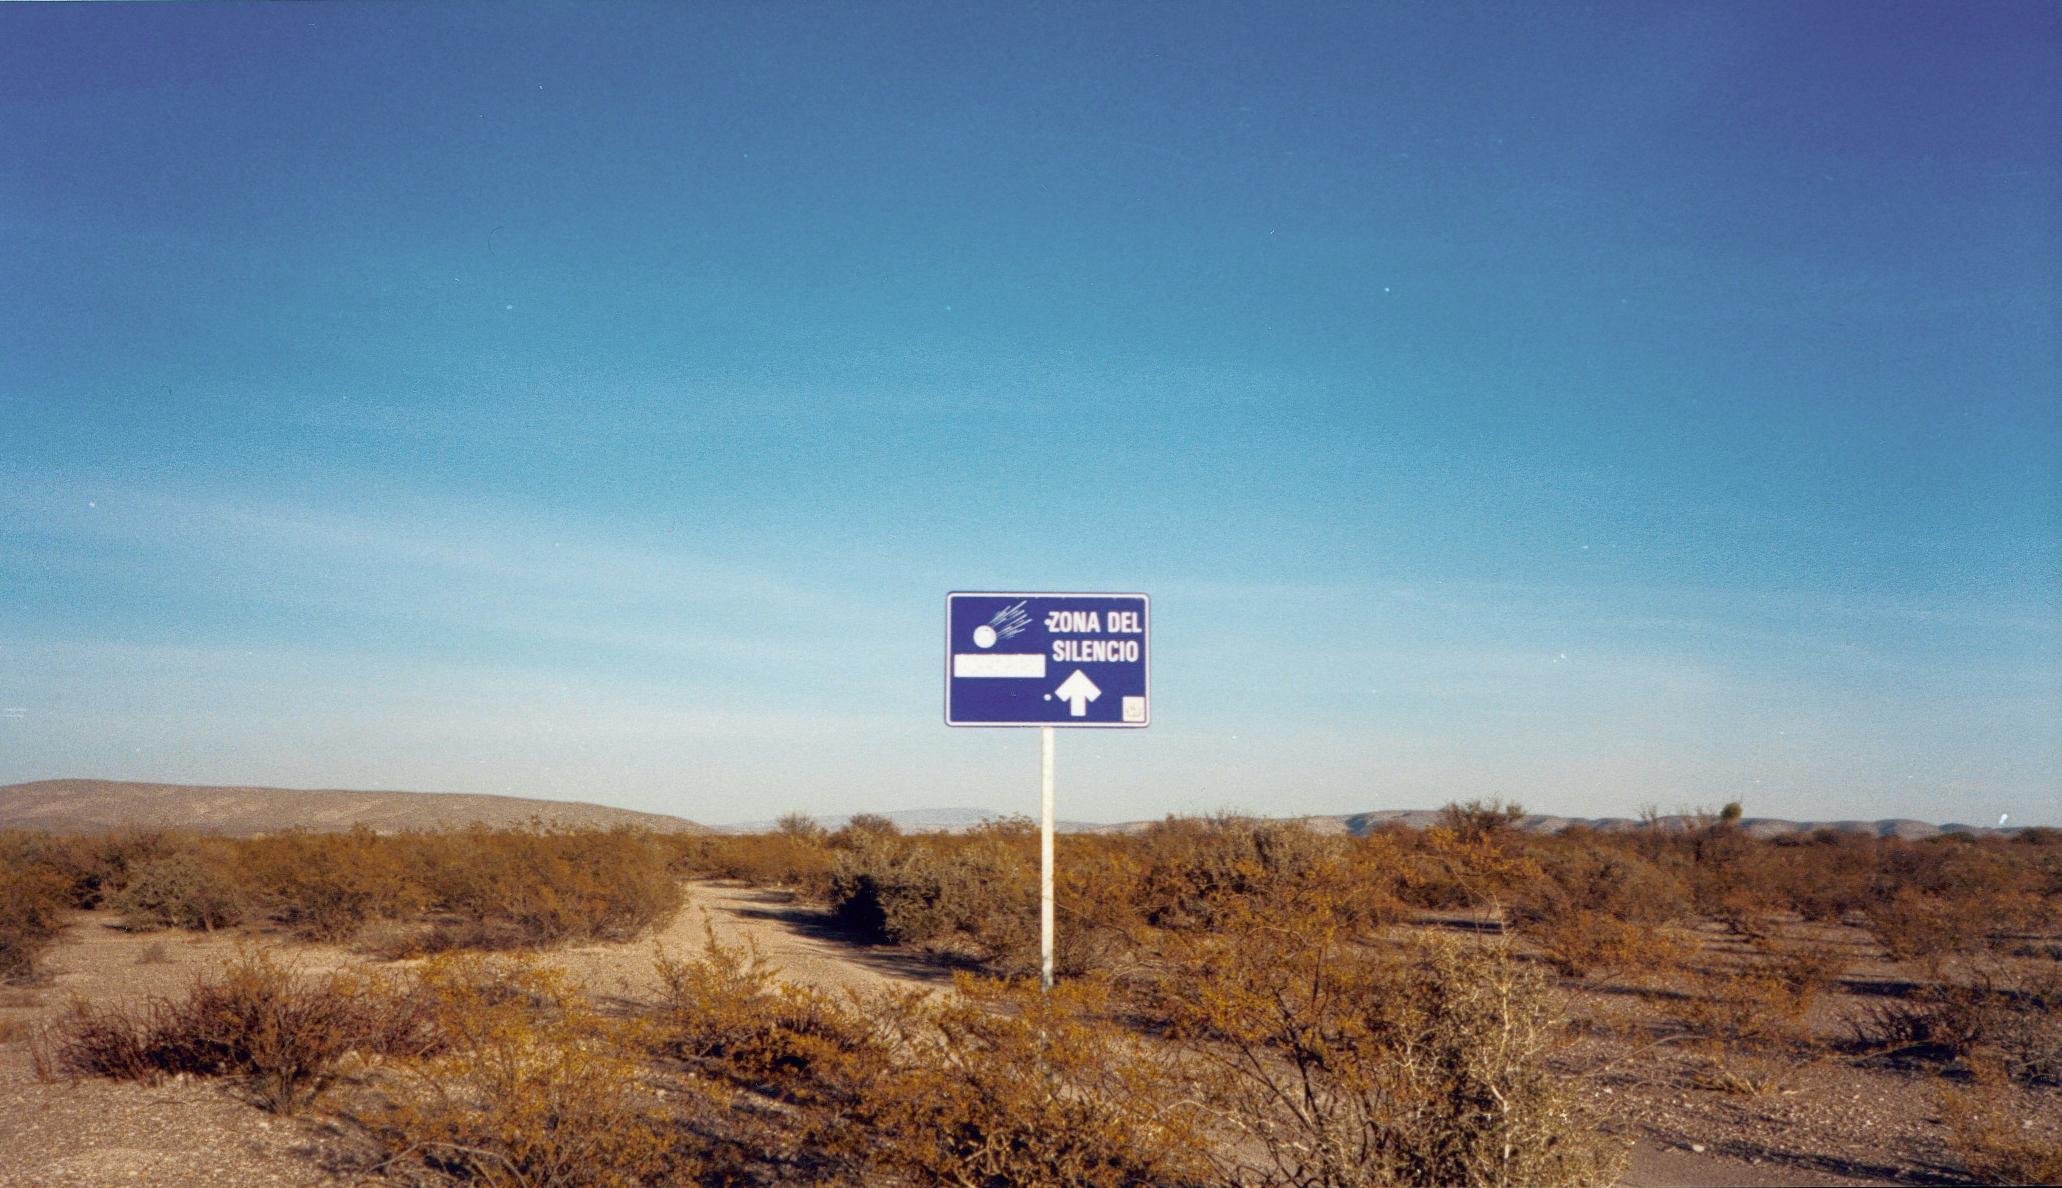 http://upload.wikimedia.org/wikipedia/commons/e/ef/Zona-del-Silencio.jpg